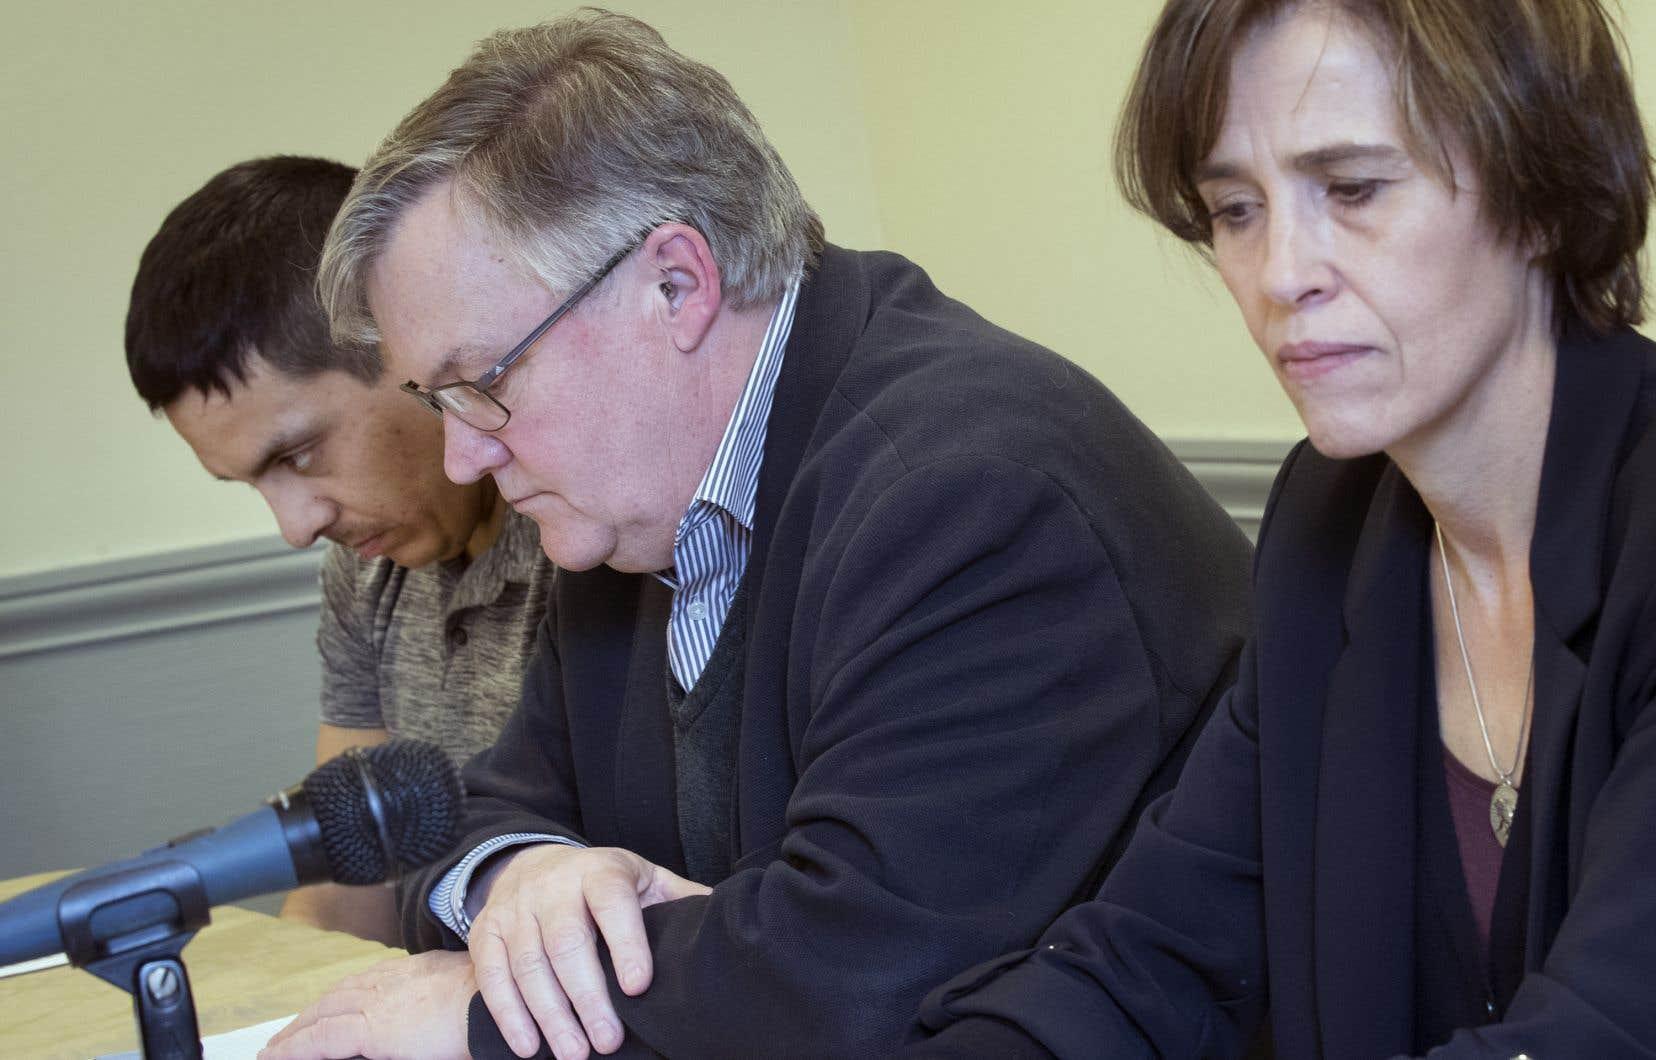 Le conseiller Normand Bellefleur Junior, l'avocat Alain Arsenault et la nièce du père Joveneau, Marie-Christine Joveneau